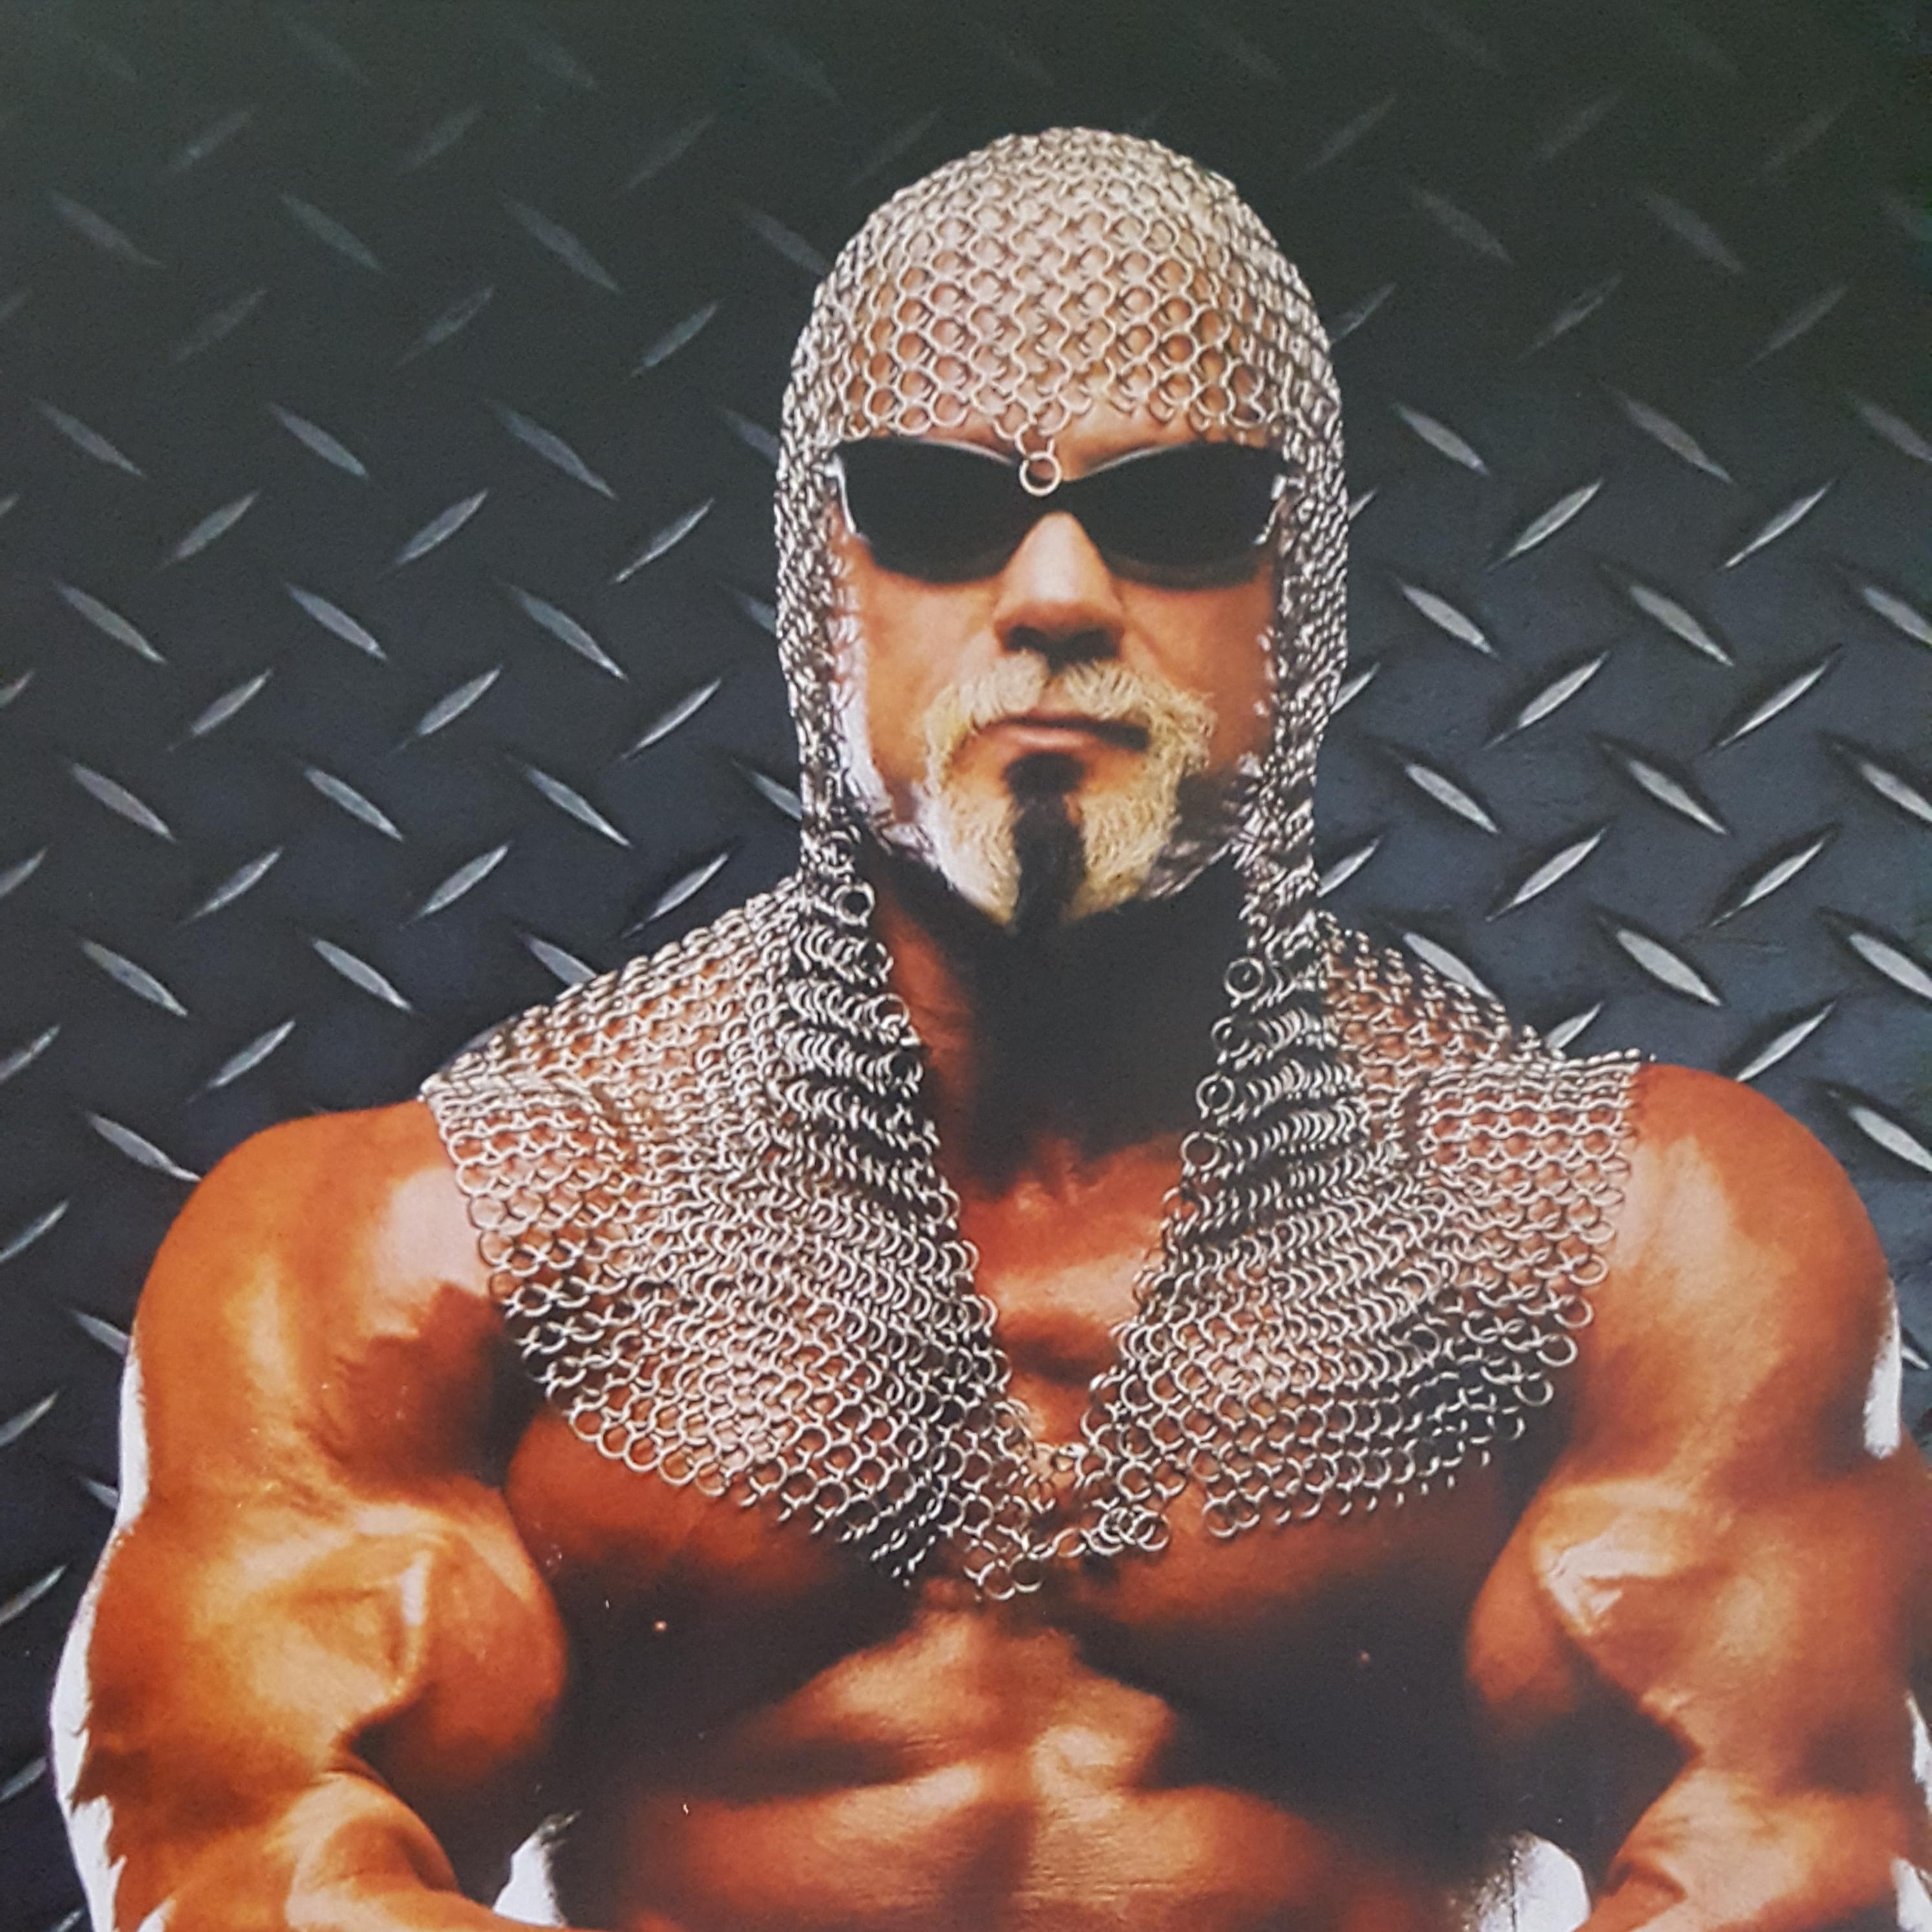 Avatar of Scott Steiner